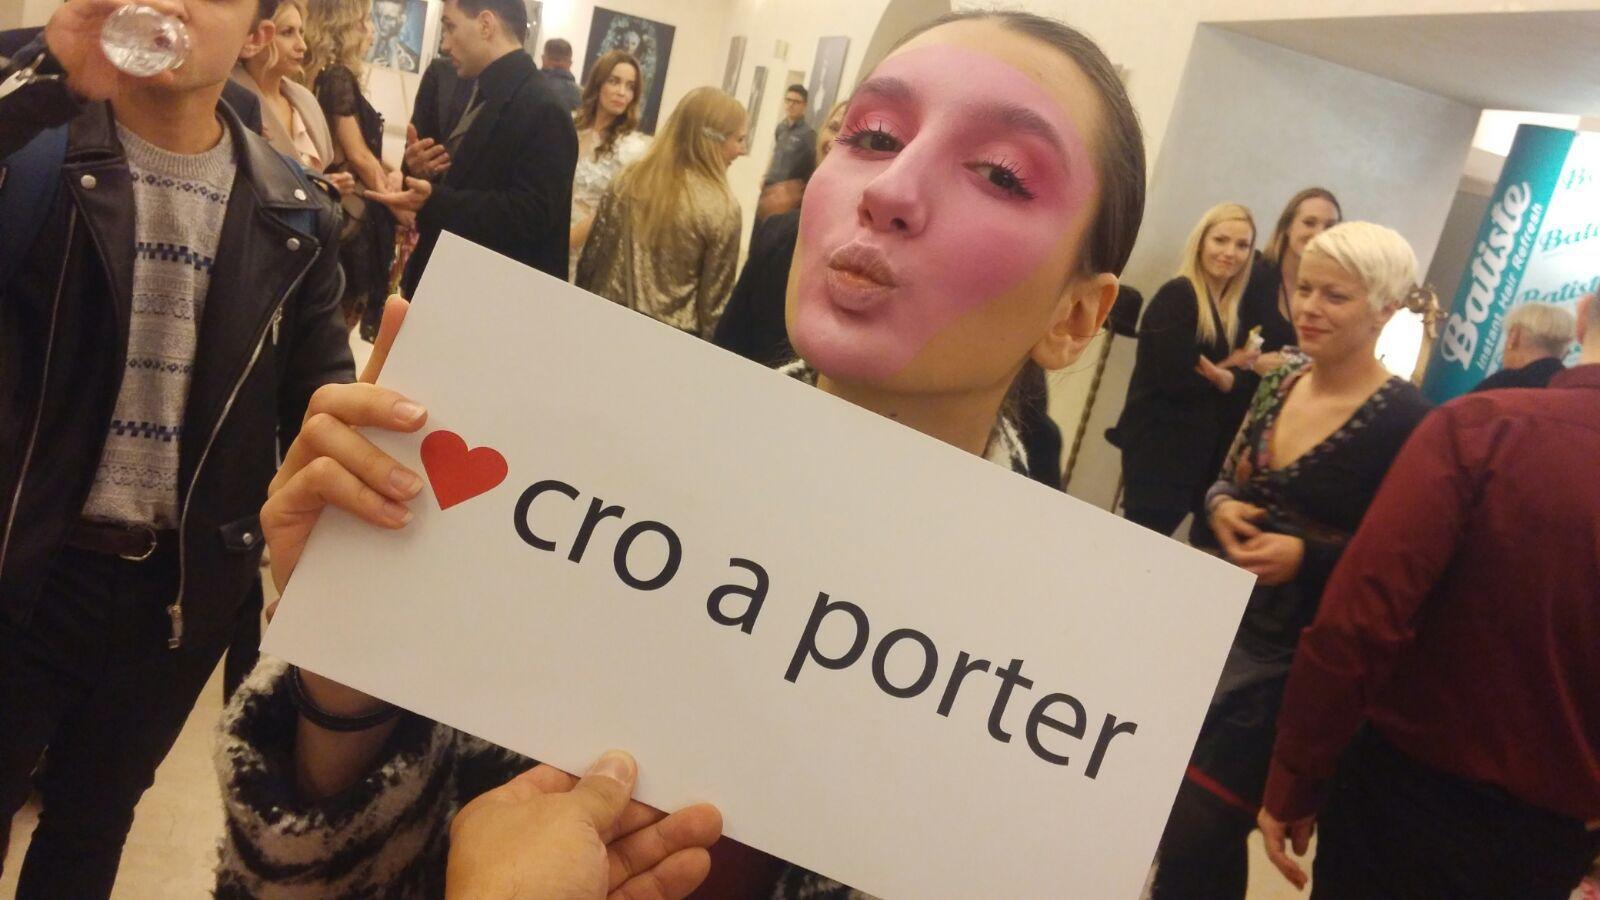 Treća večer Cro-A-Portera